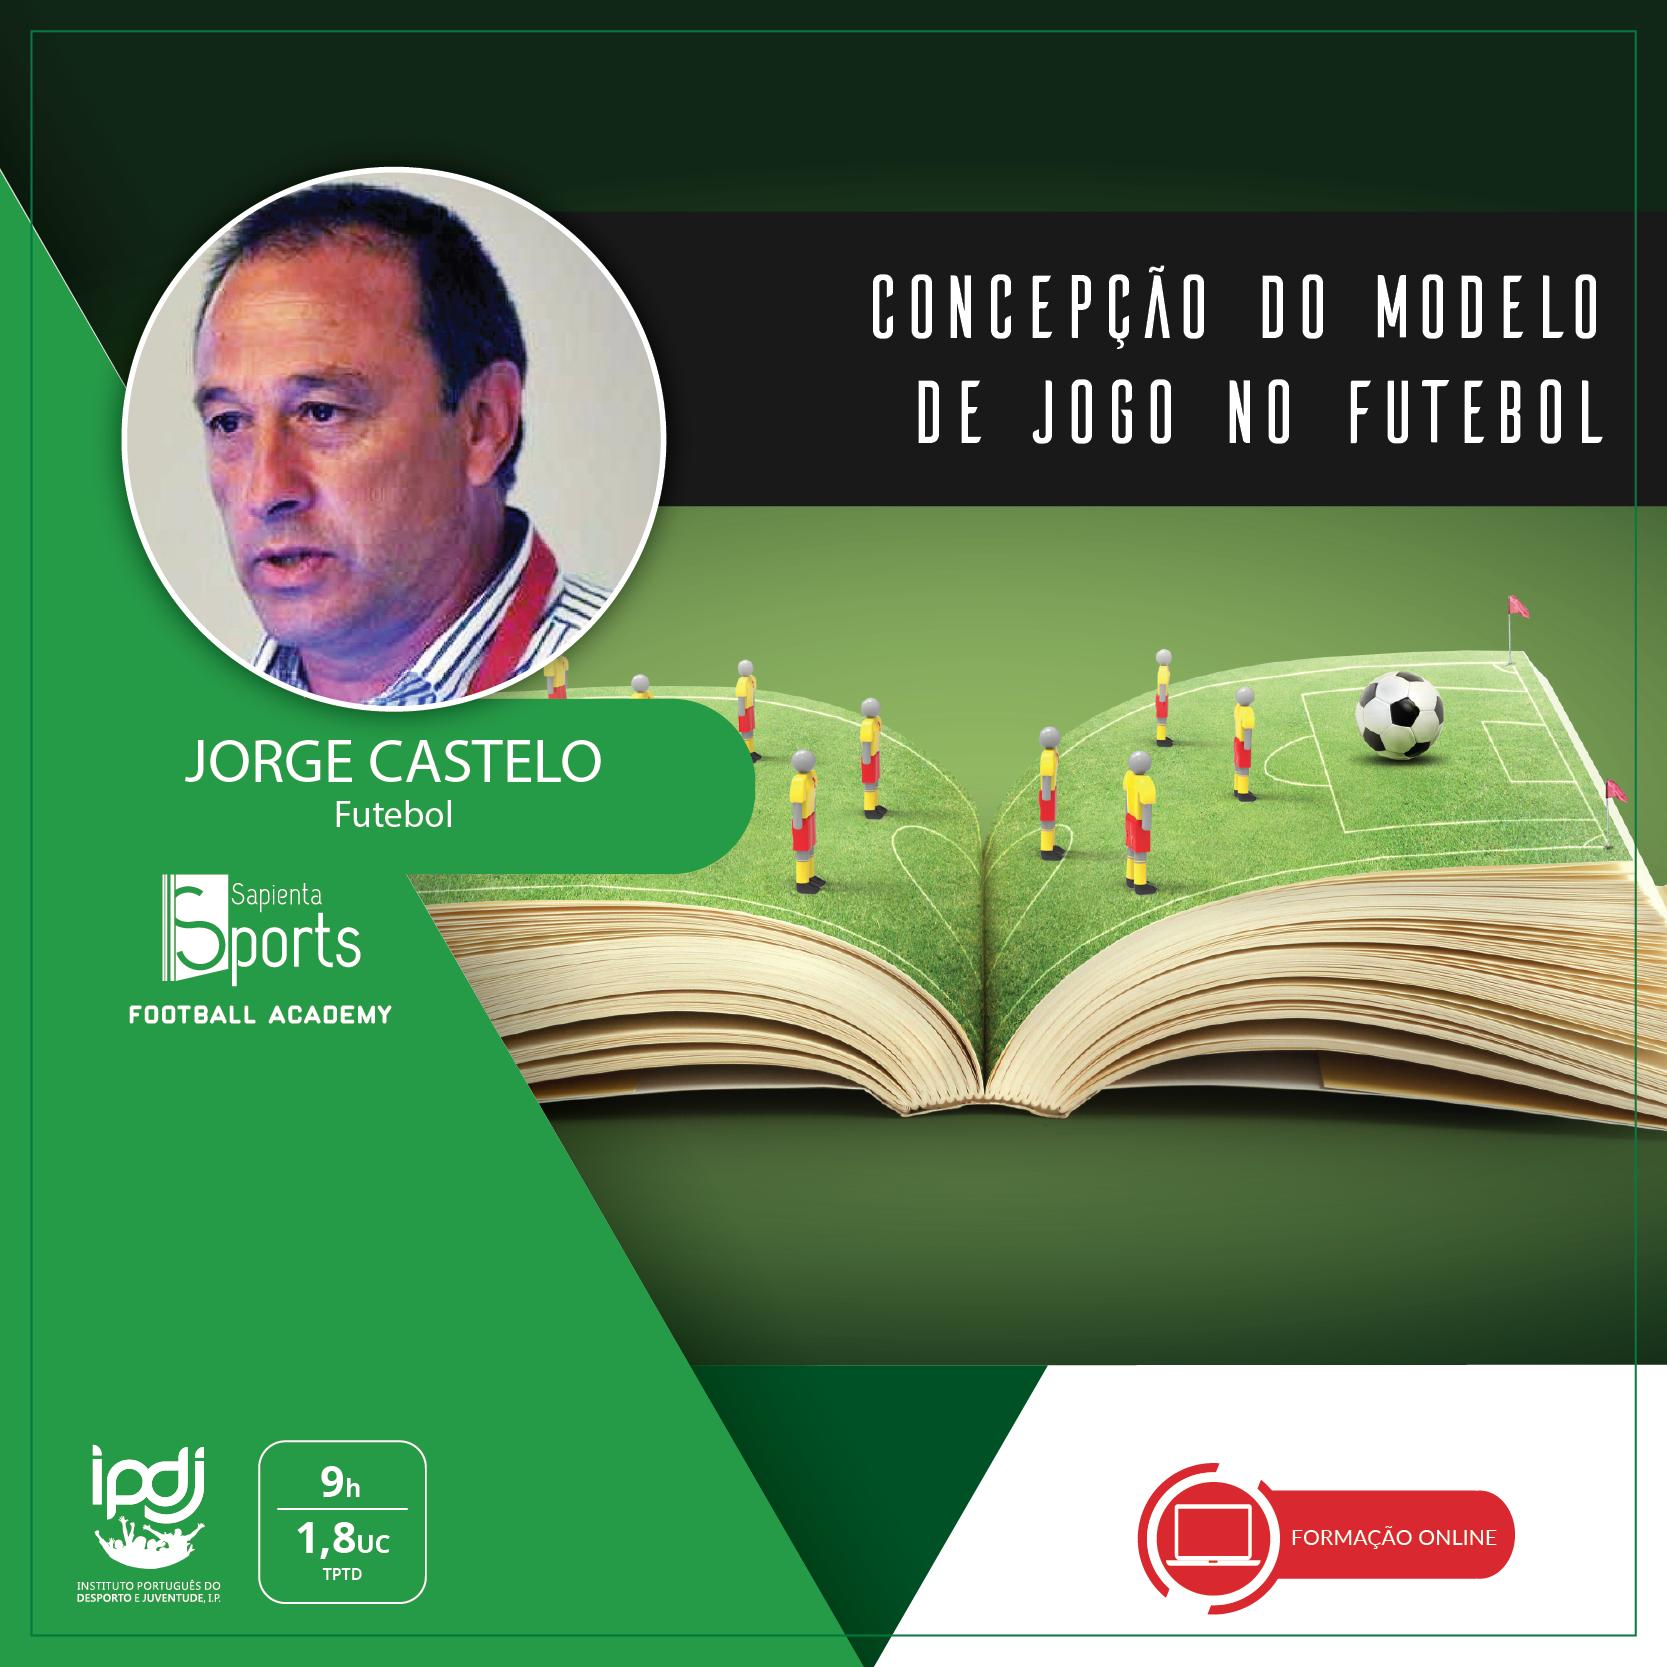 Concepção do Modelo de Jogo no Futebol